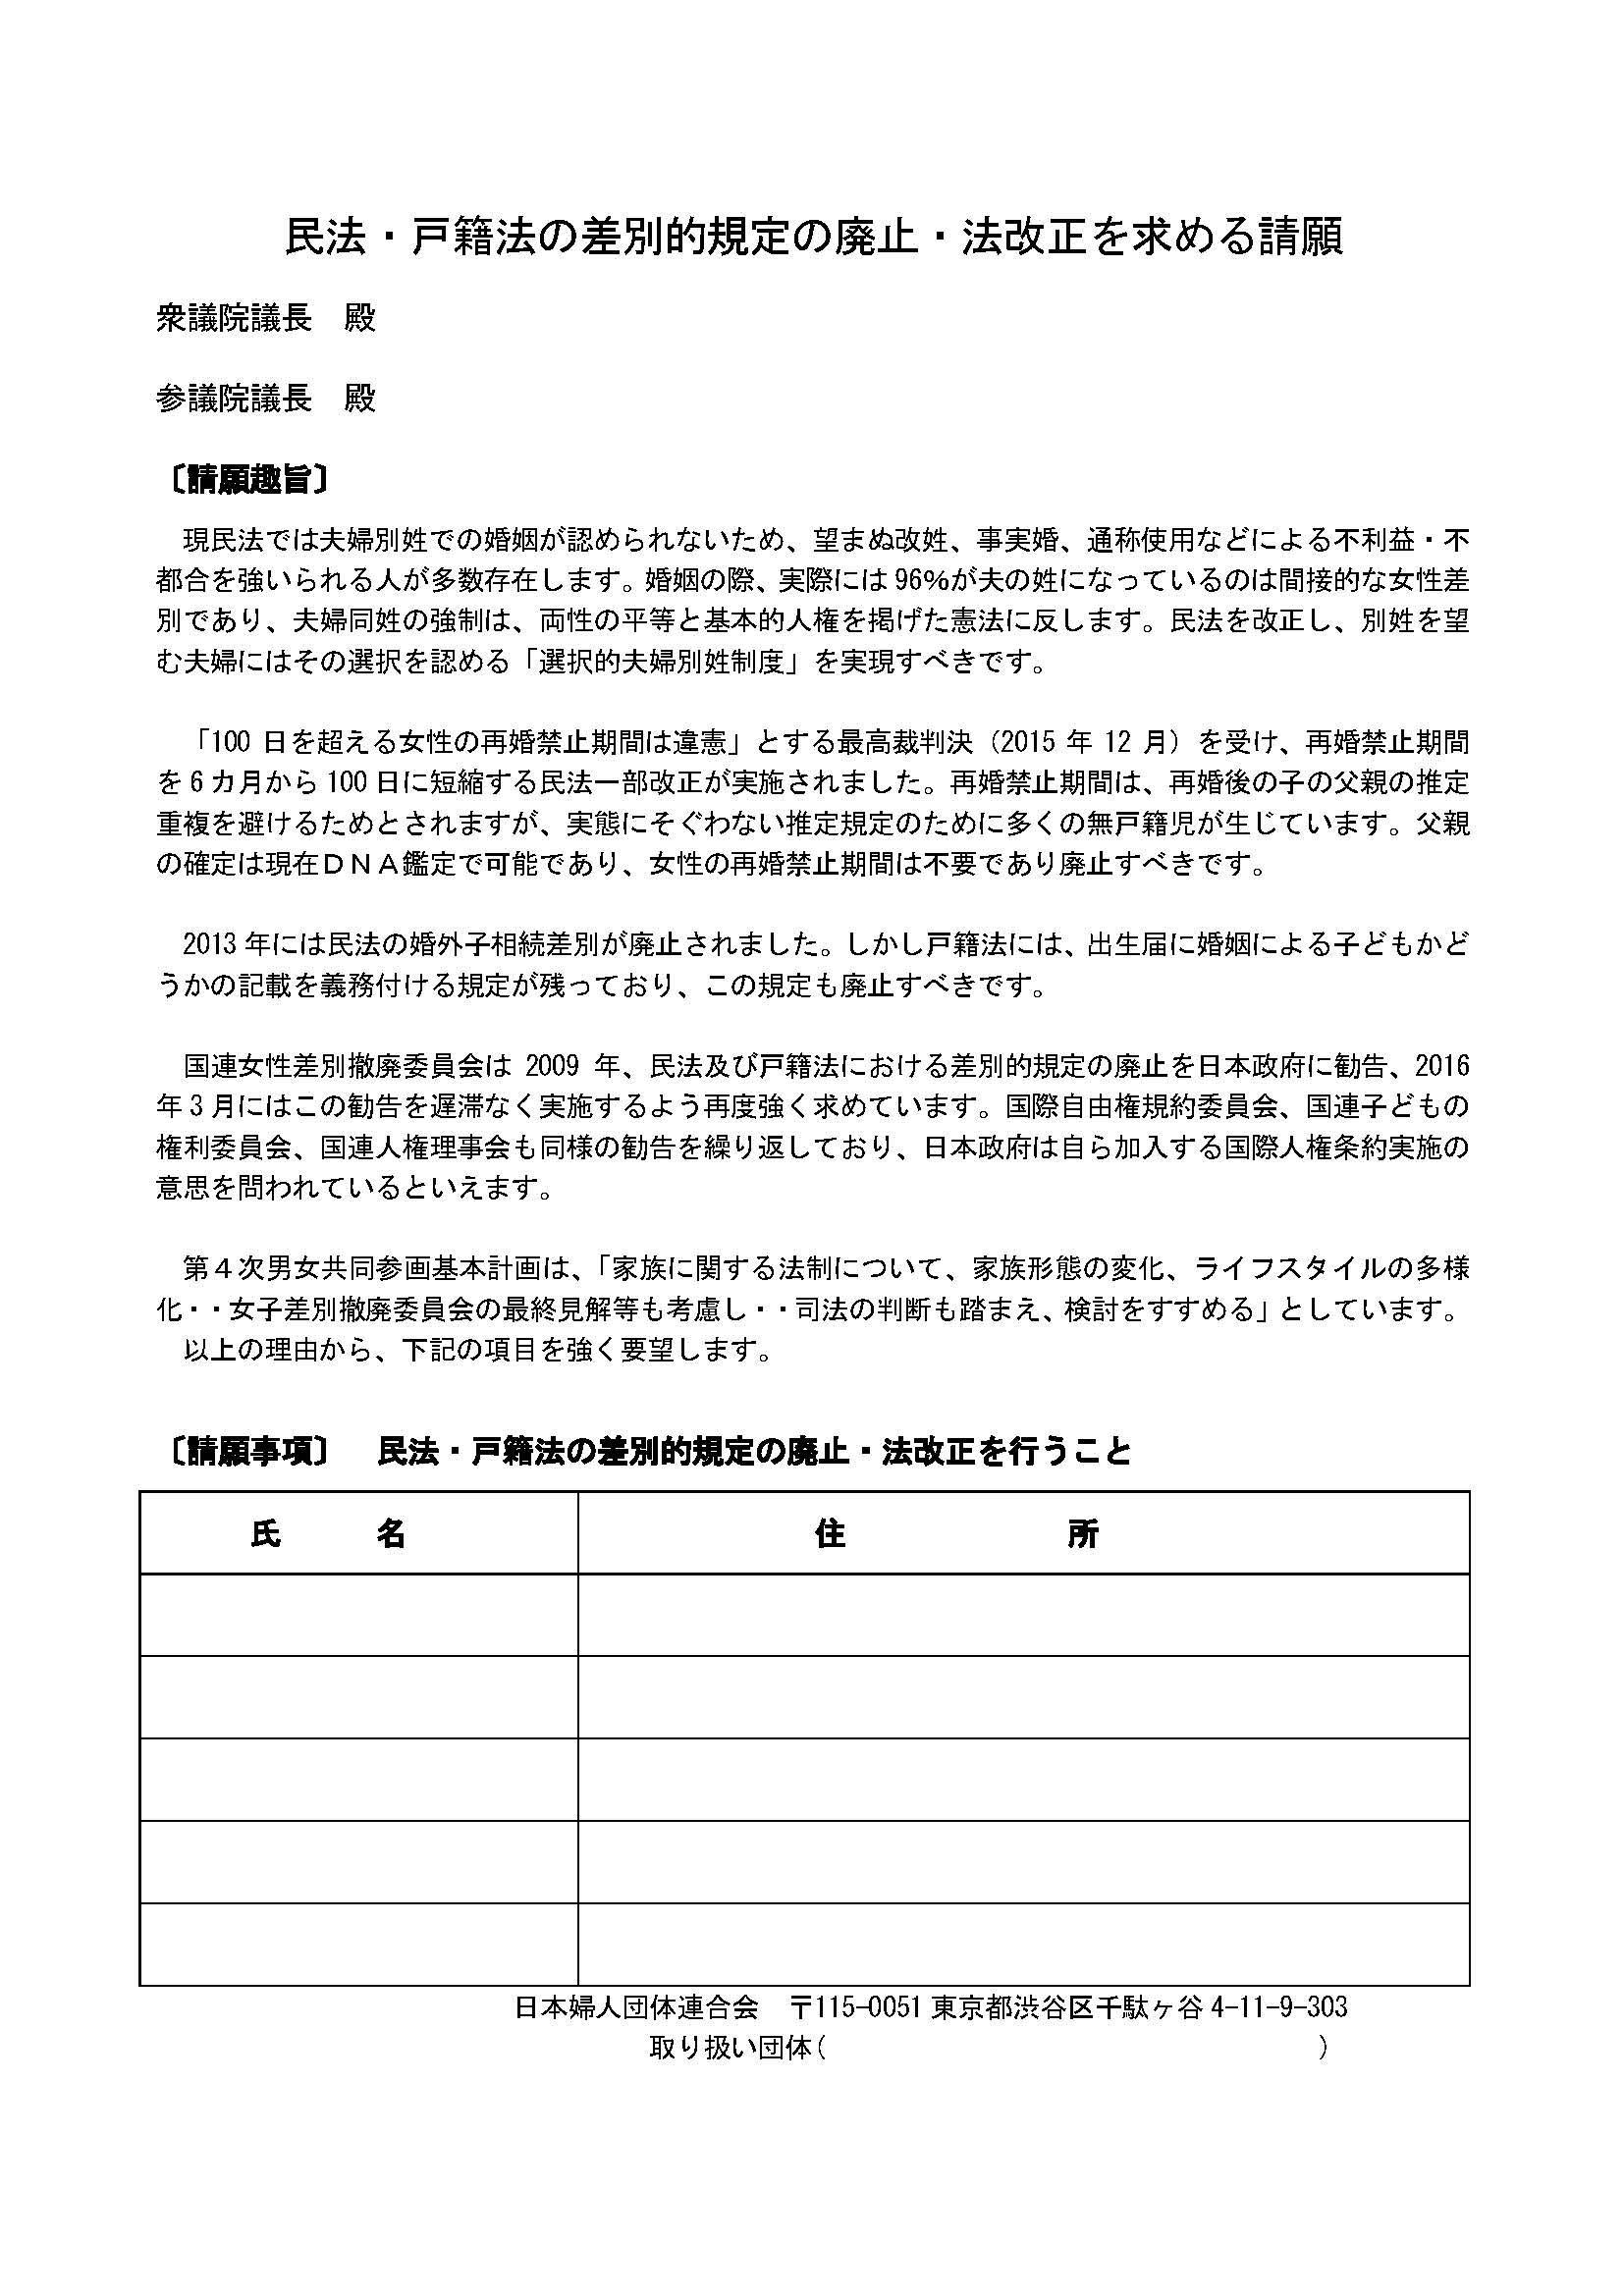 ジェンダー4署名個人署名_ページ_2.jpg